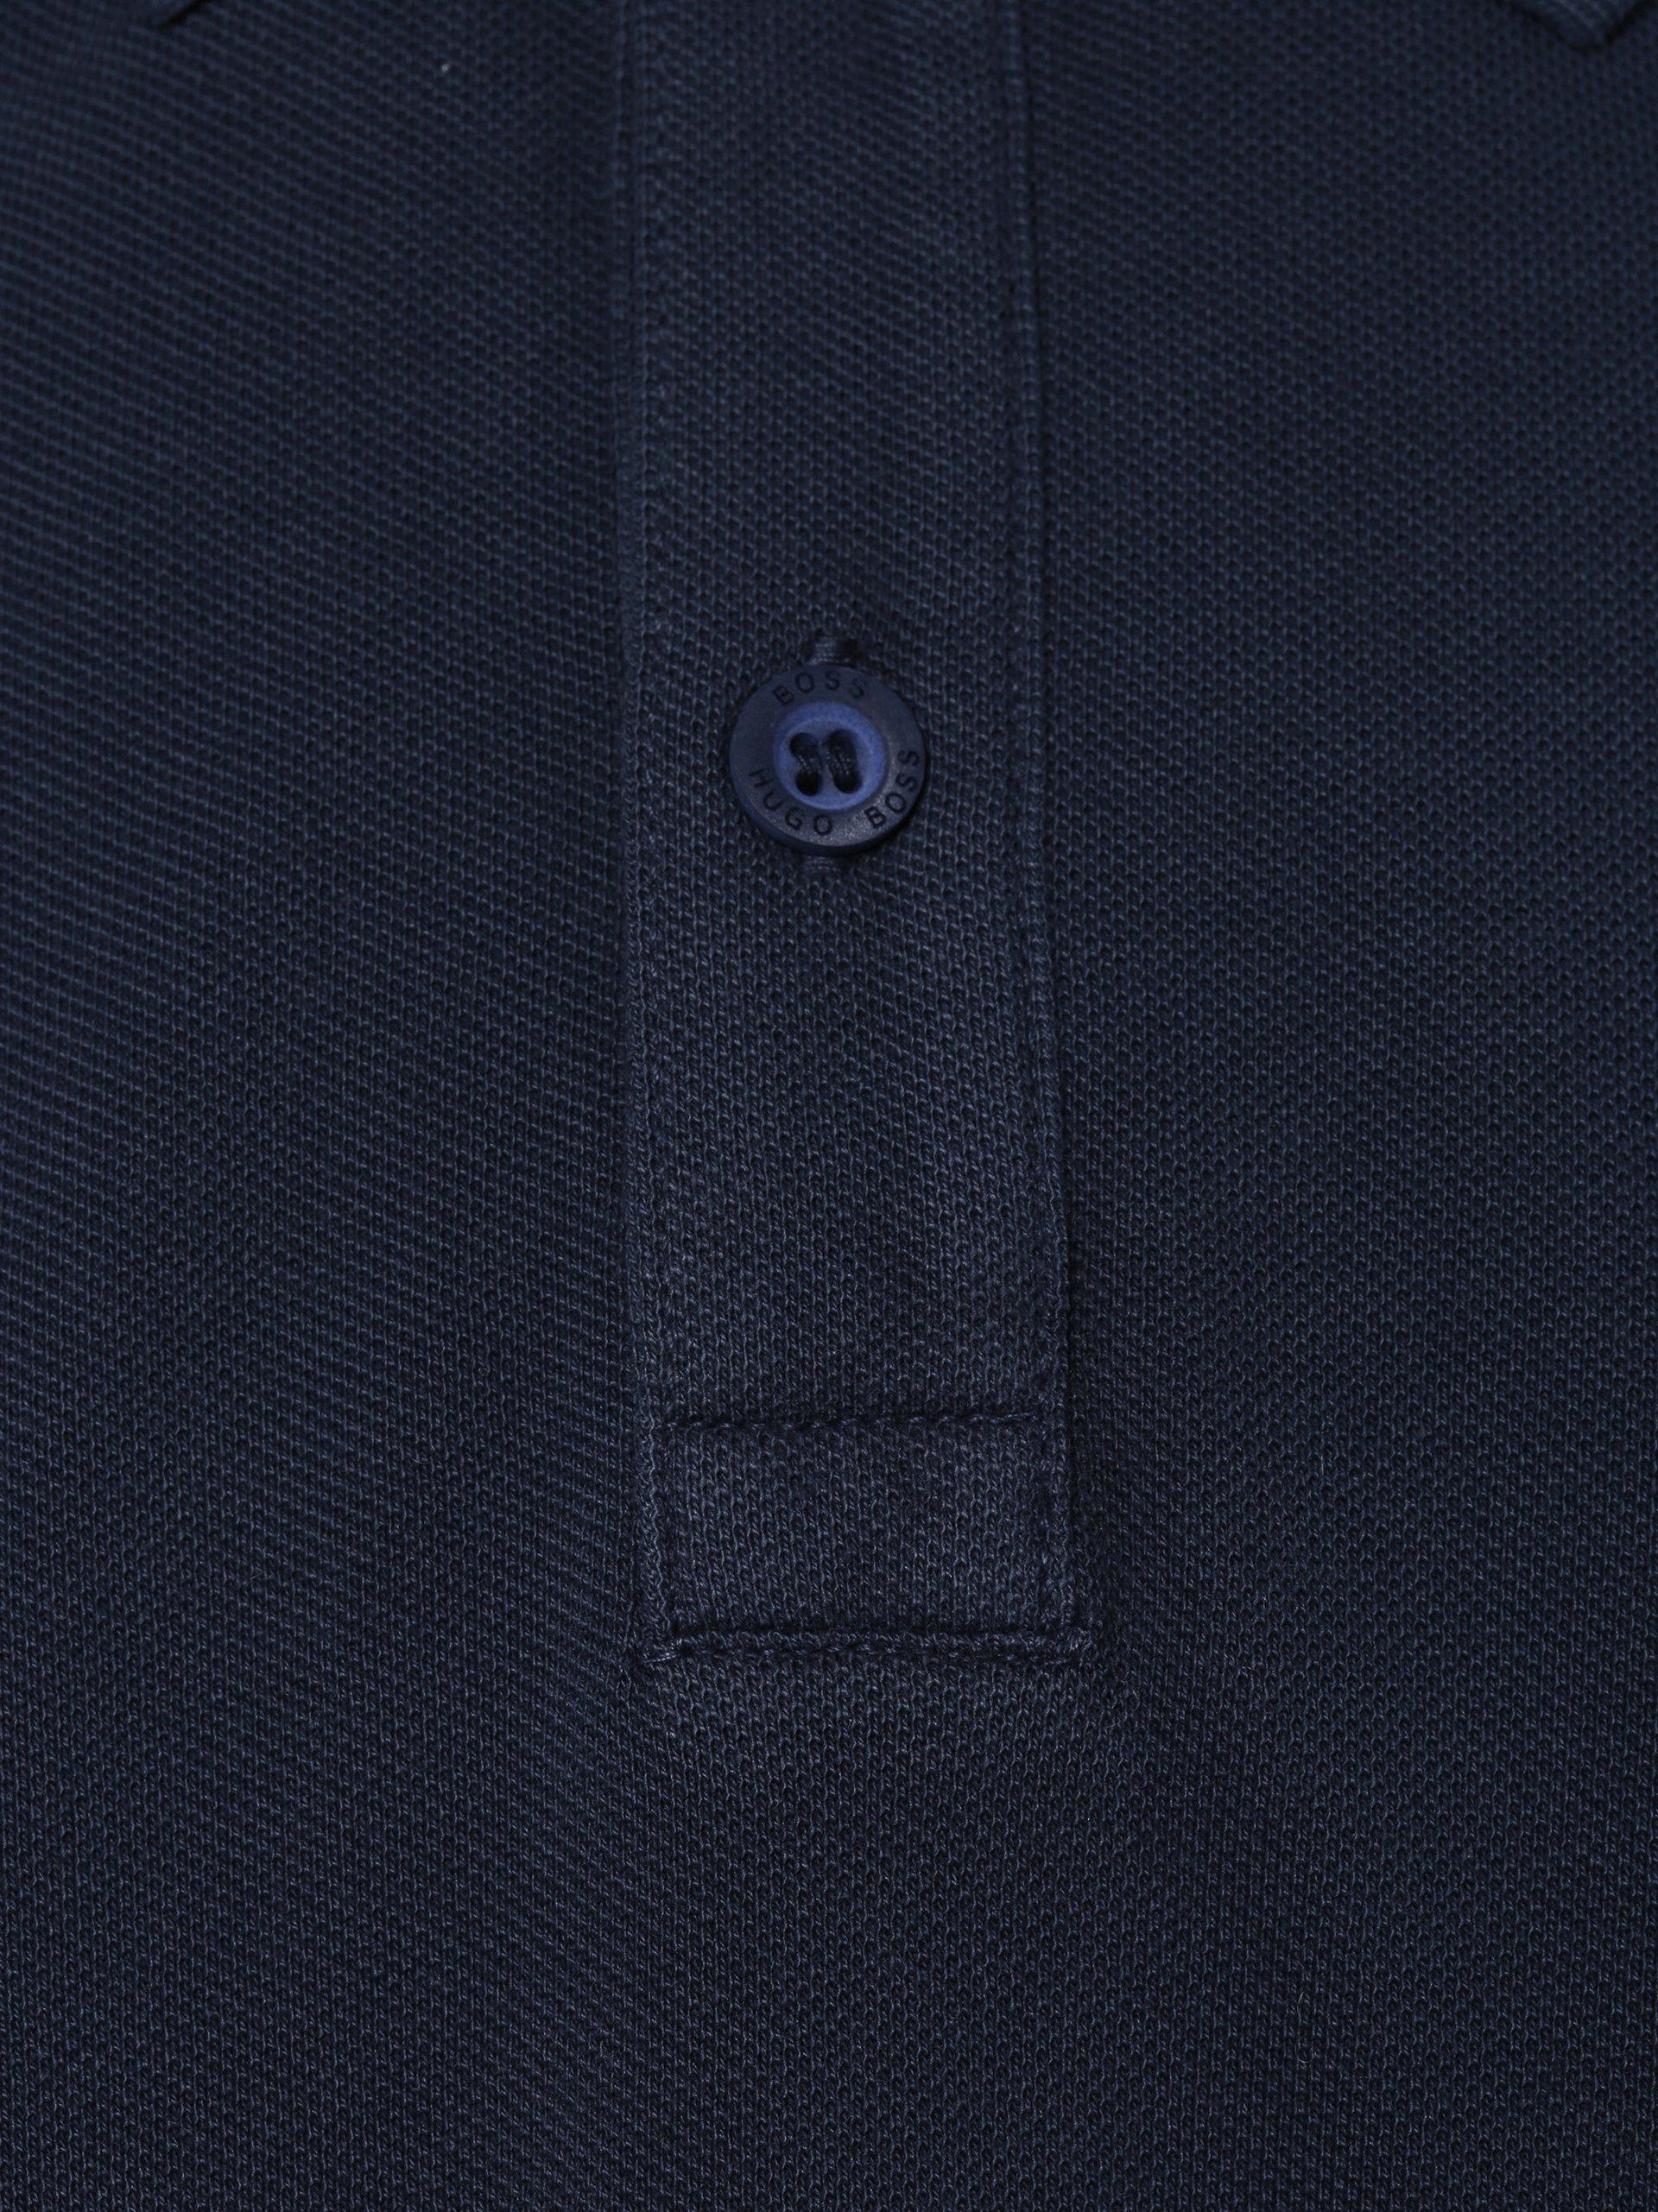 BOSS Casual Męska koszulka polo – Prime